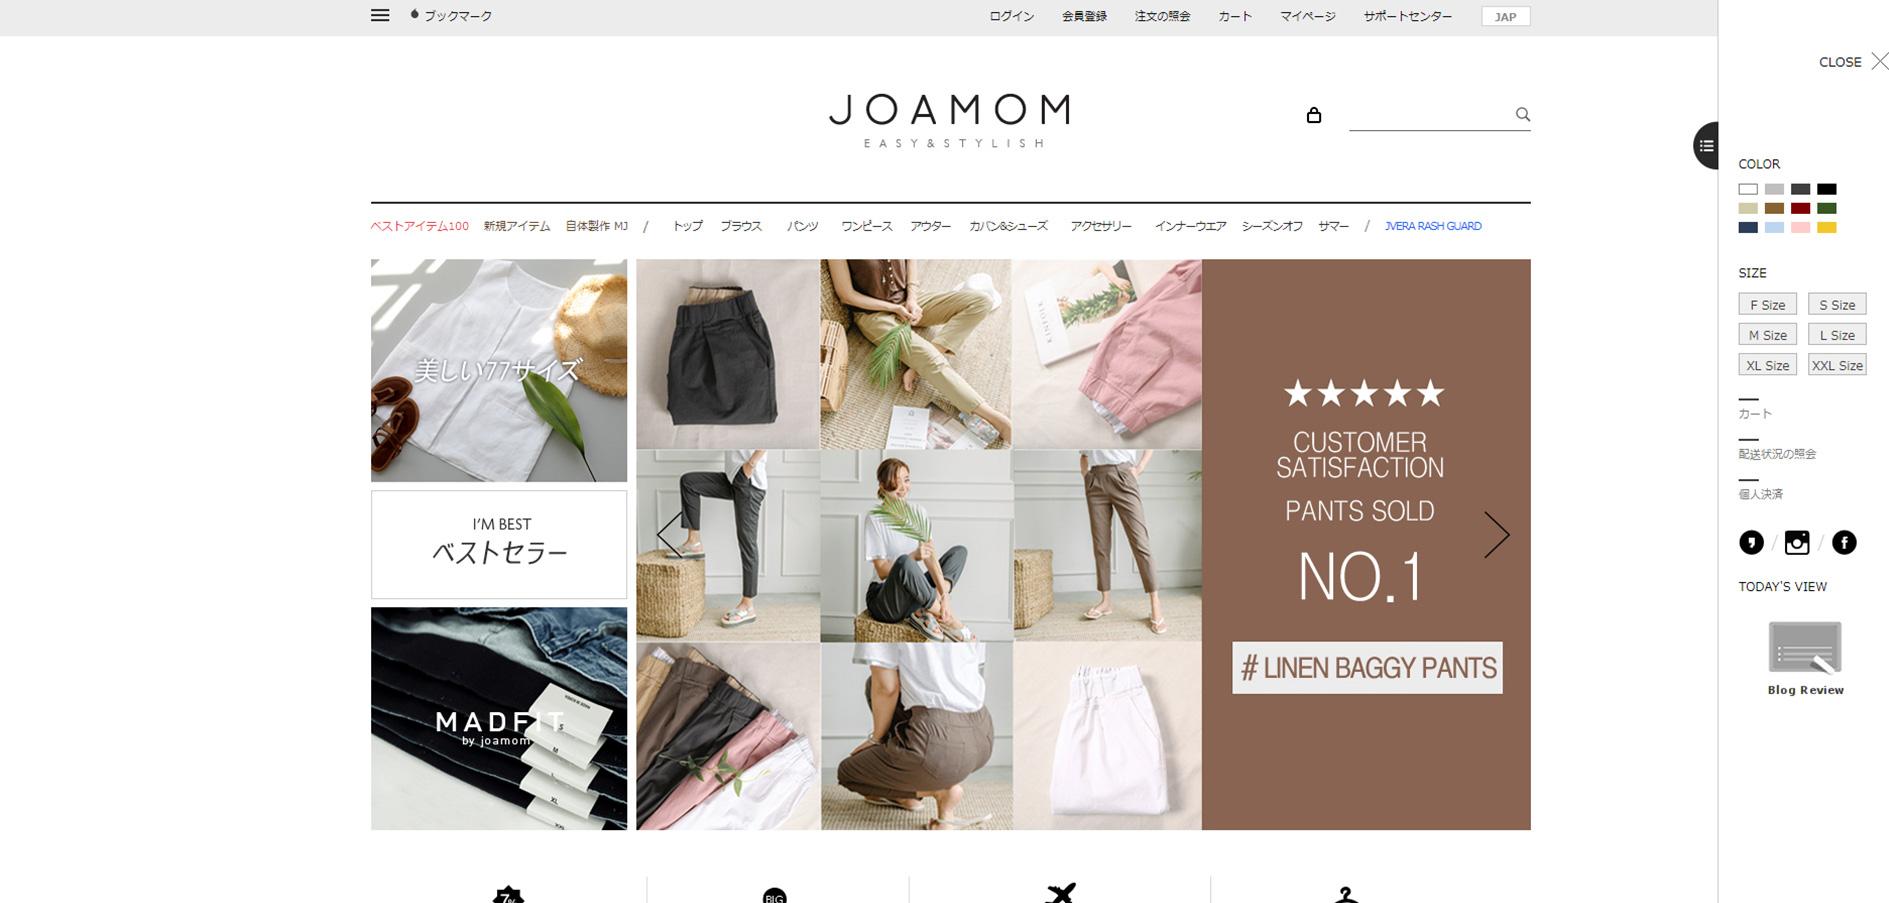 30代におすすめな韓国ファッション通販サイトのJOAMOM(ジョアマム)